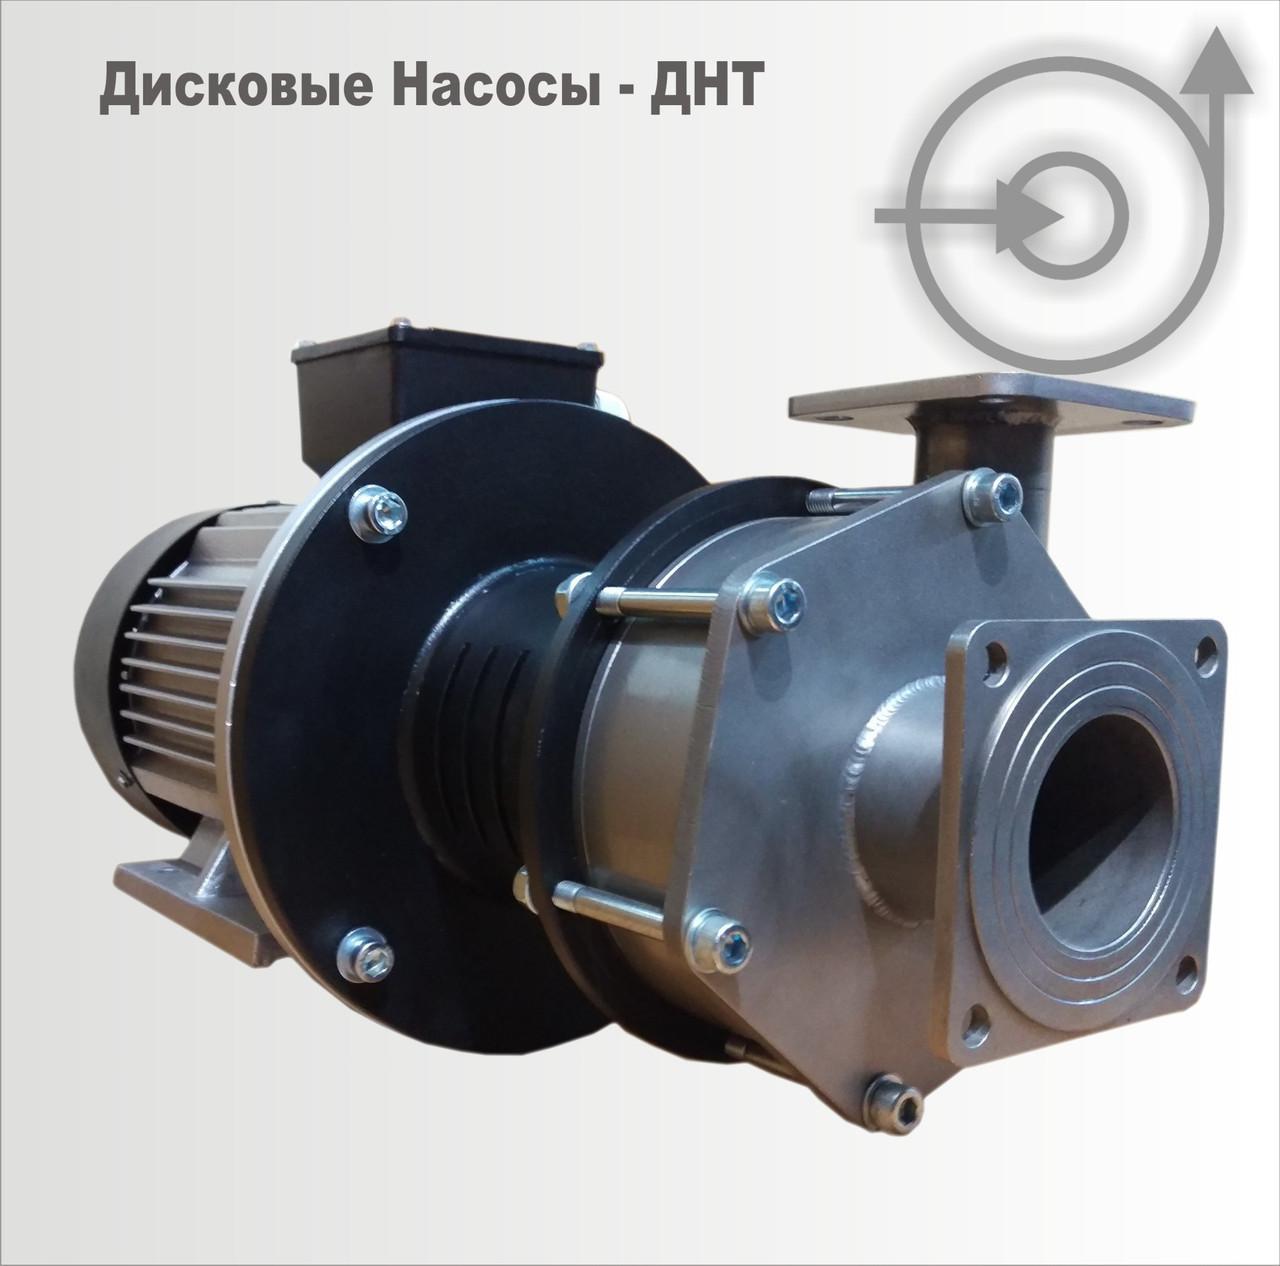 Дисковый химический насос ДНТ-М 170 ТУ для перекачивания аммиачной селитры